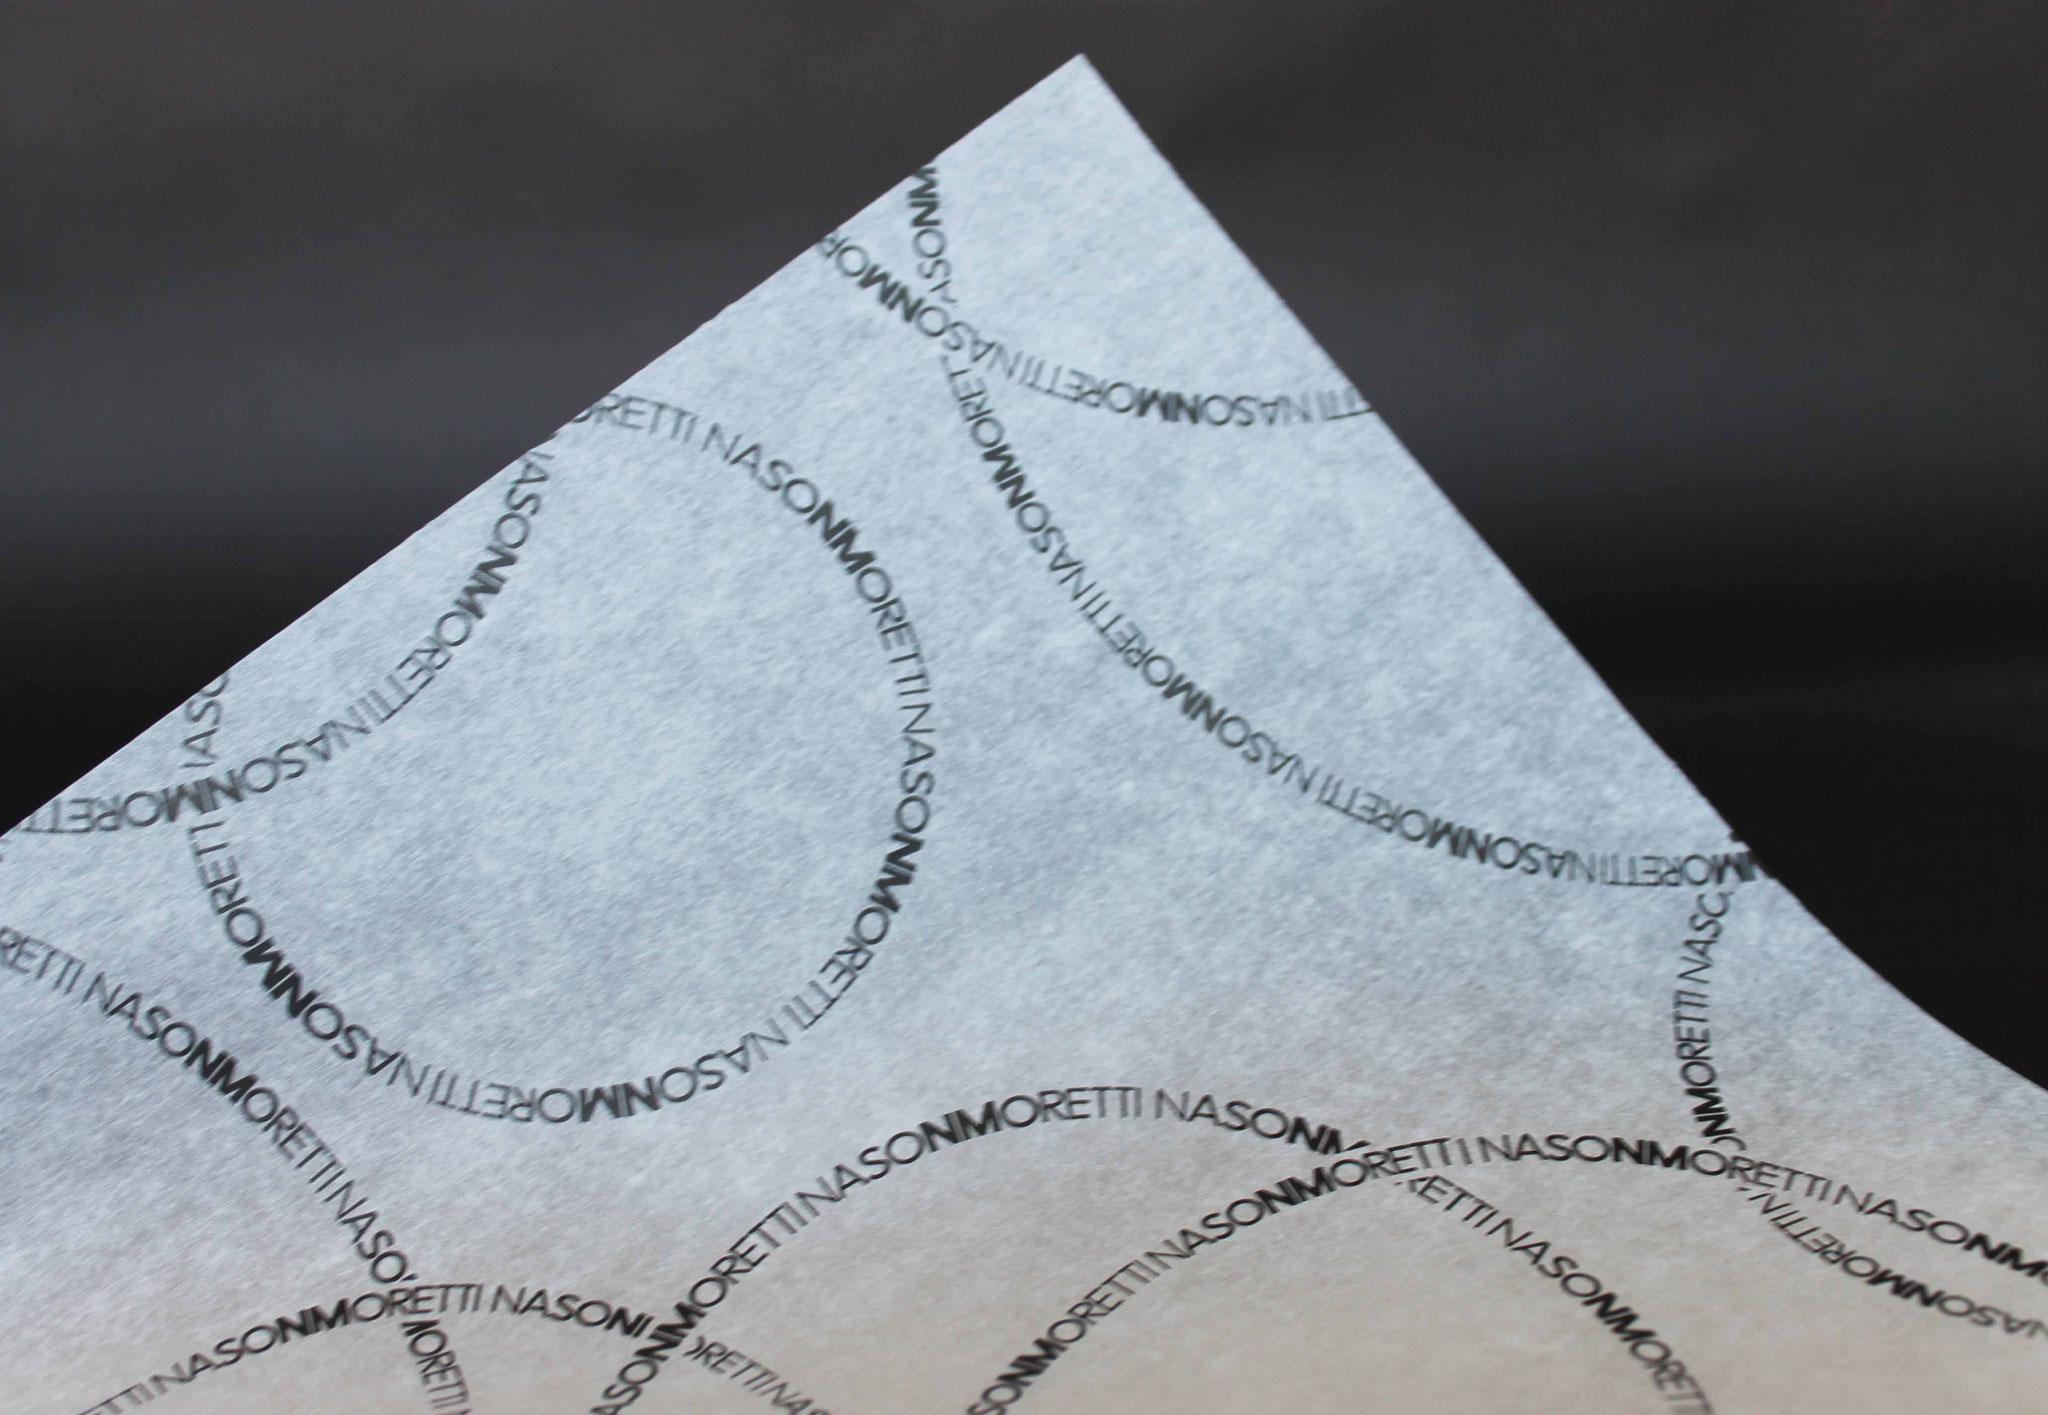 Druck: Schwarz, Papier: Weiß